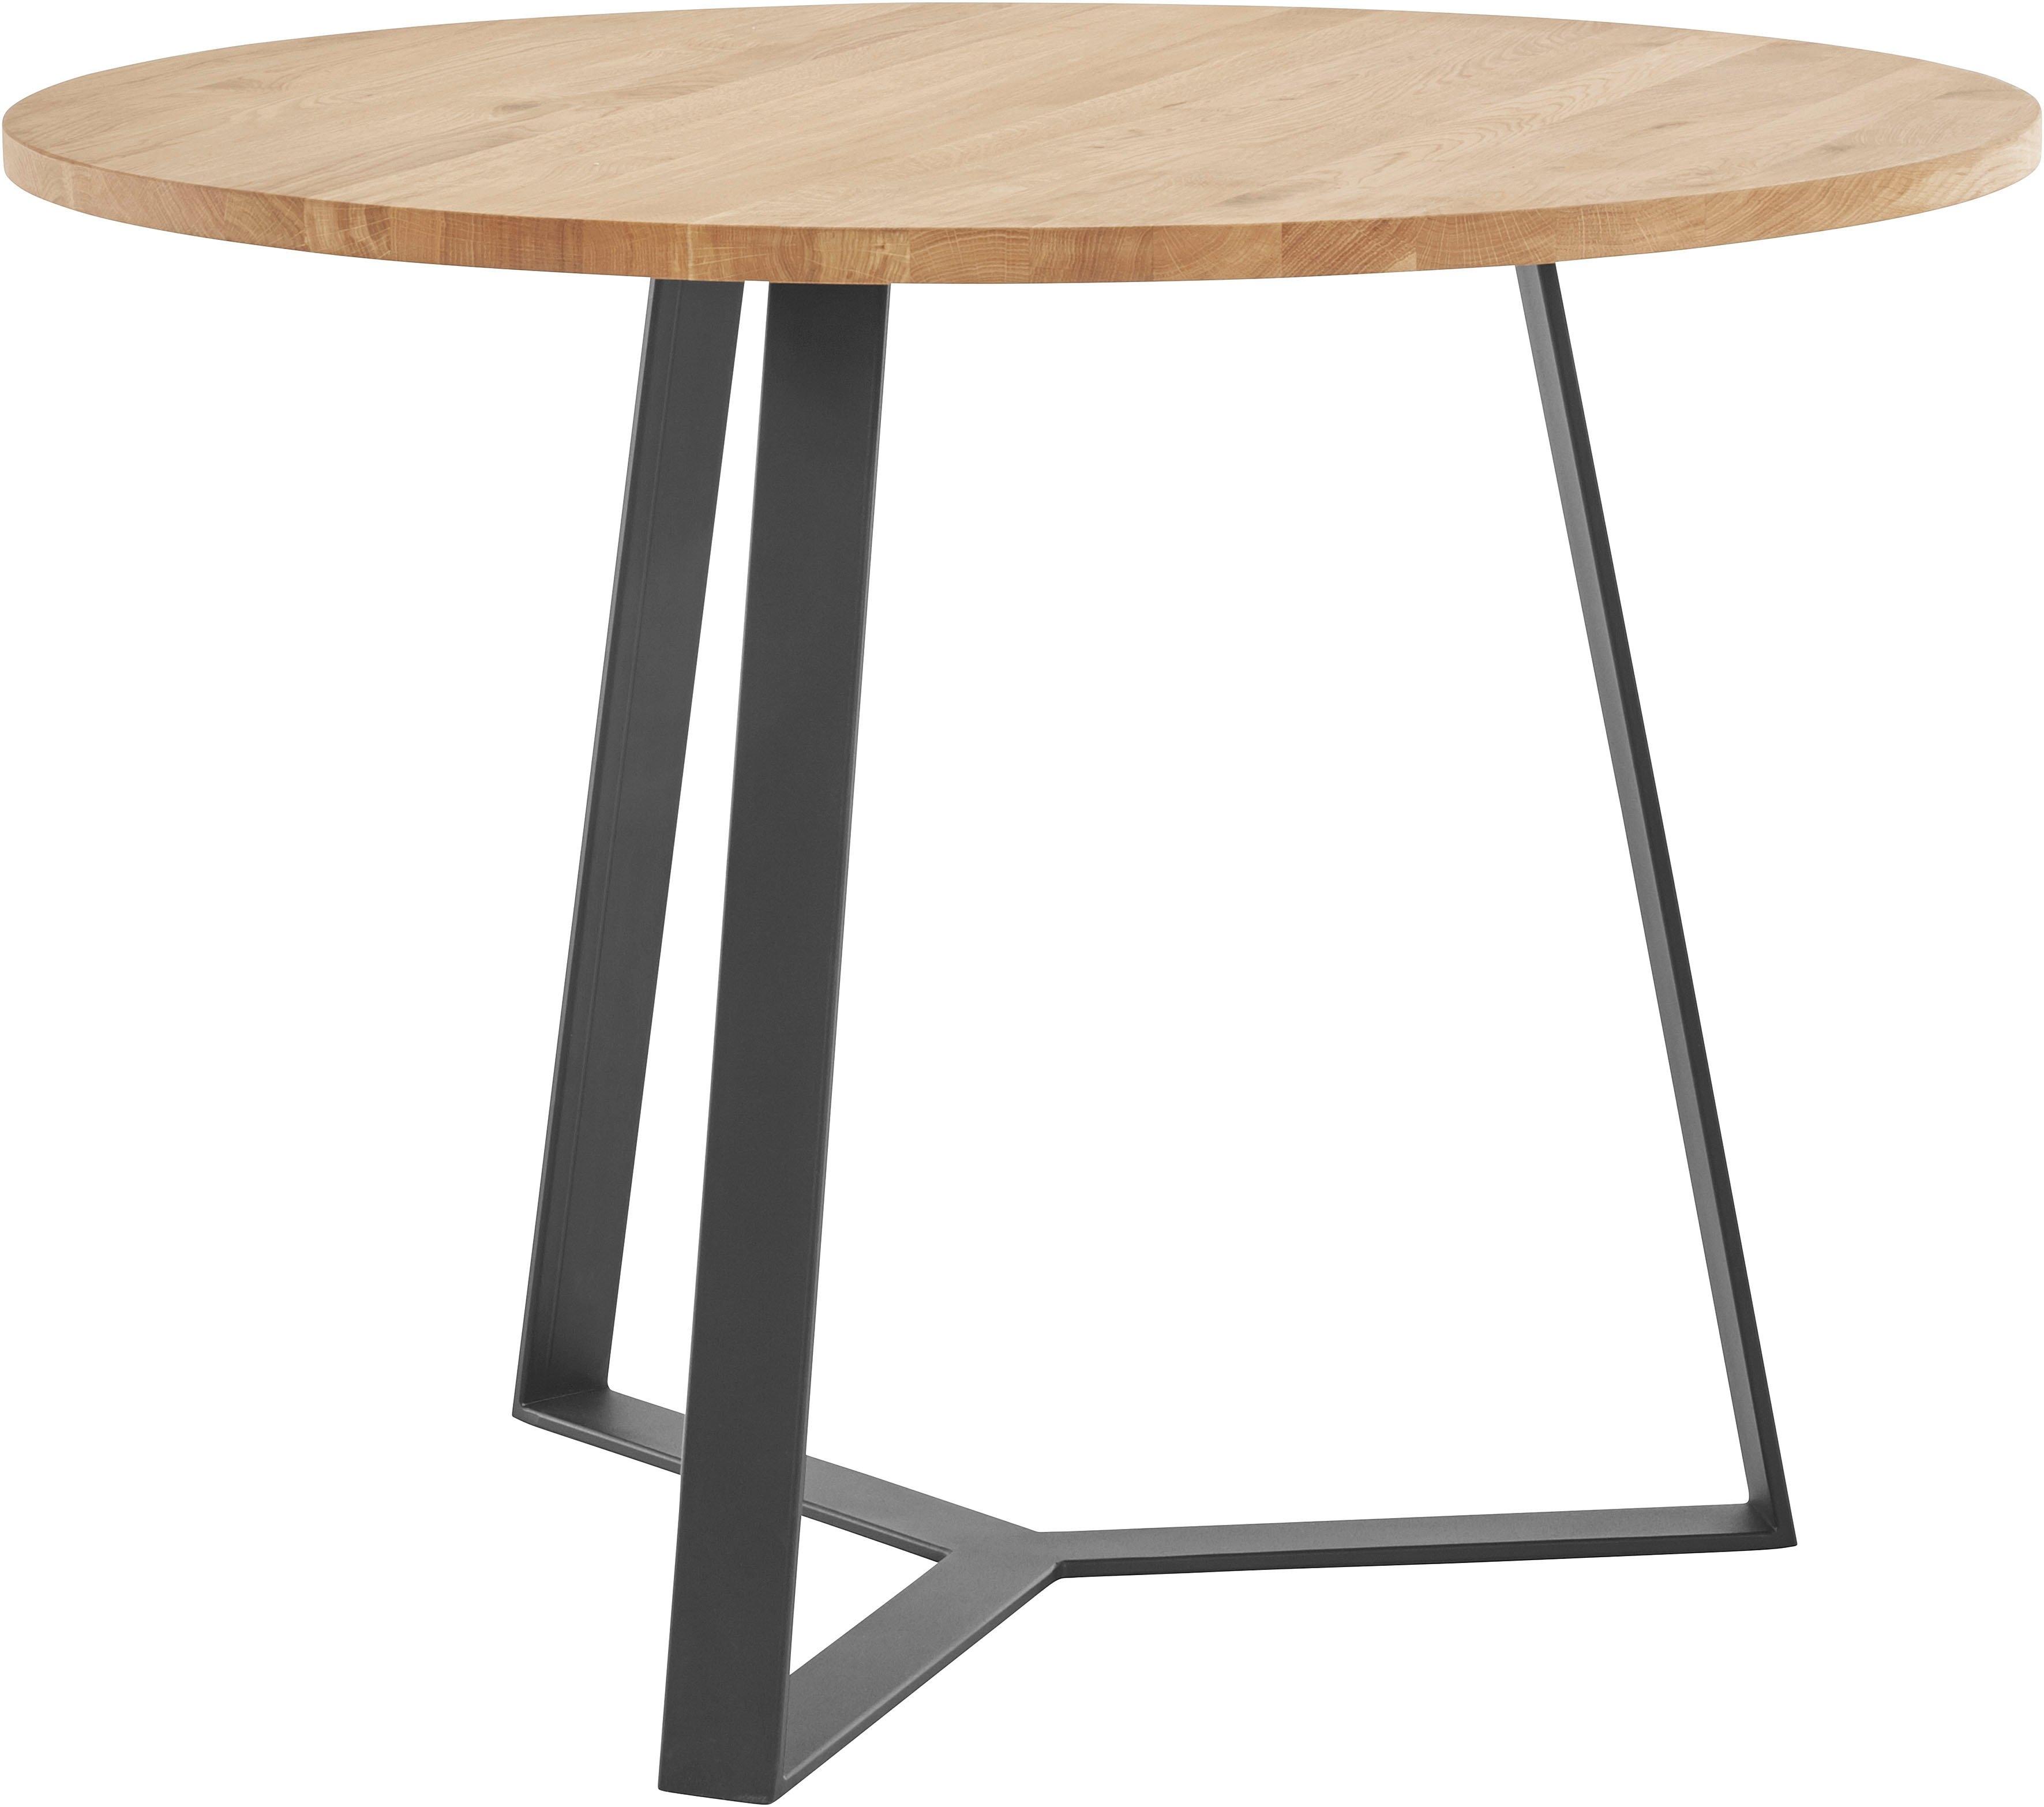 andas eettafel TARAN van massief hout veilig op otto.nl kopen